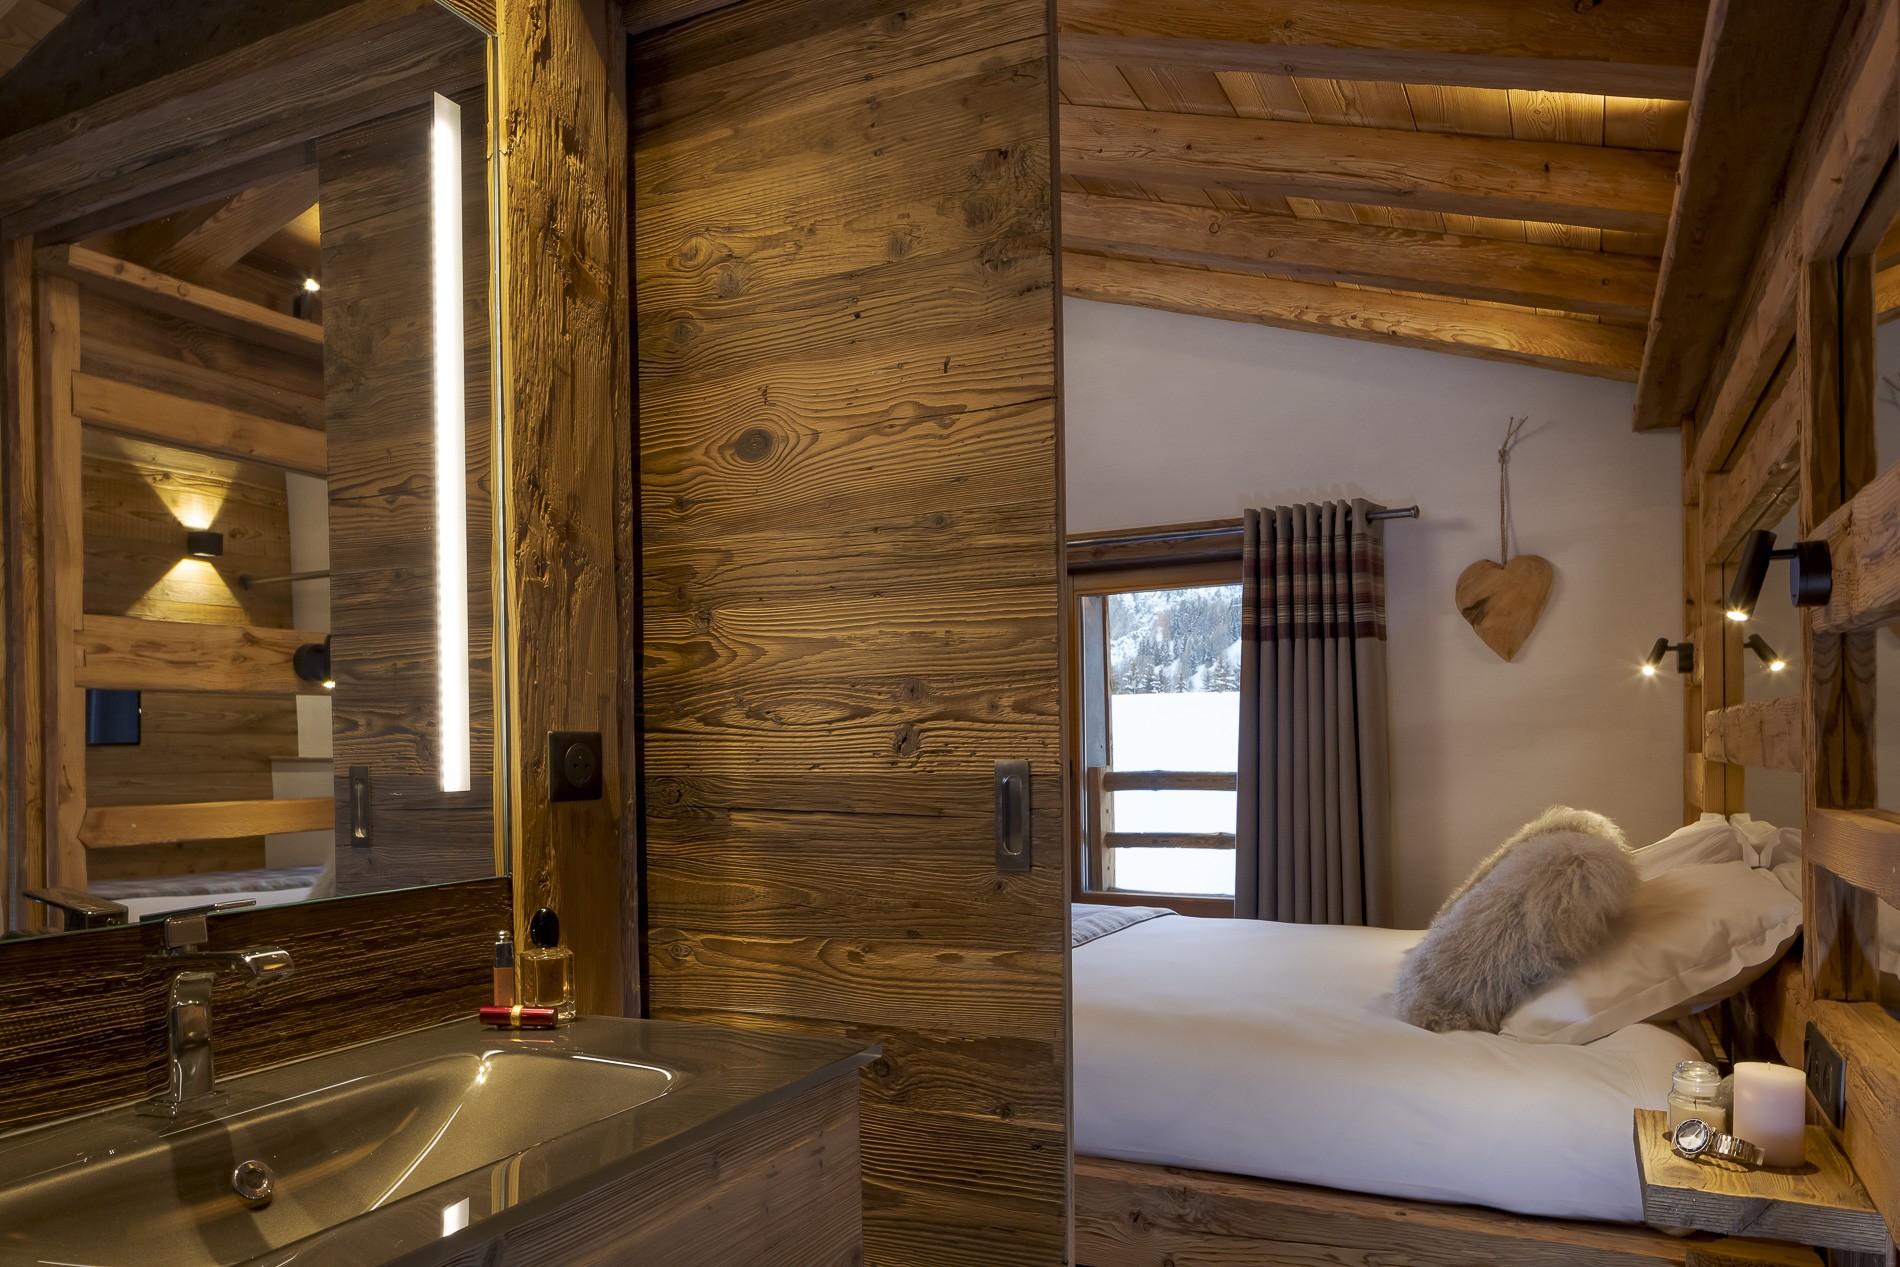 Les Deux Alpes Location Chalet Luxe Cervantute Chambre Ensuite 2